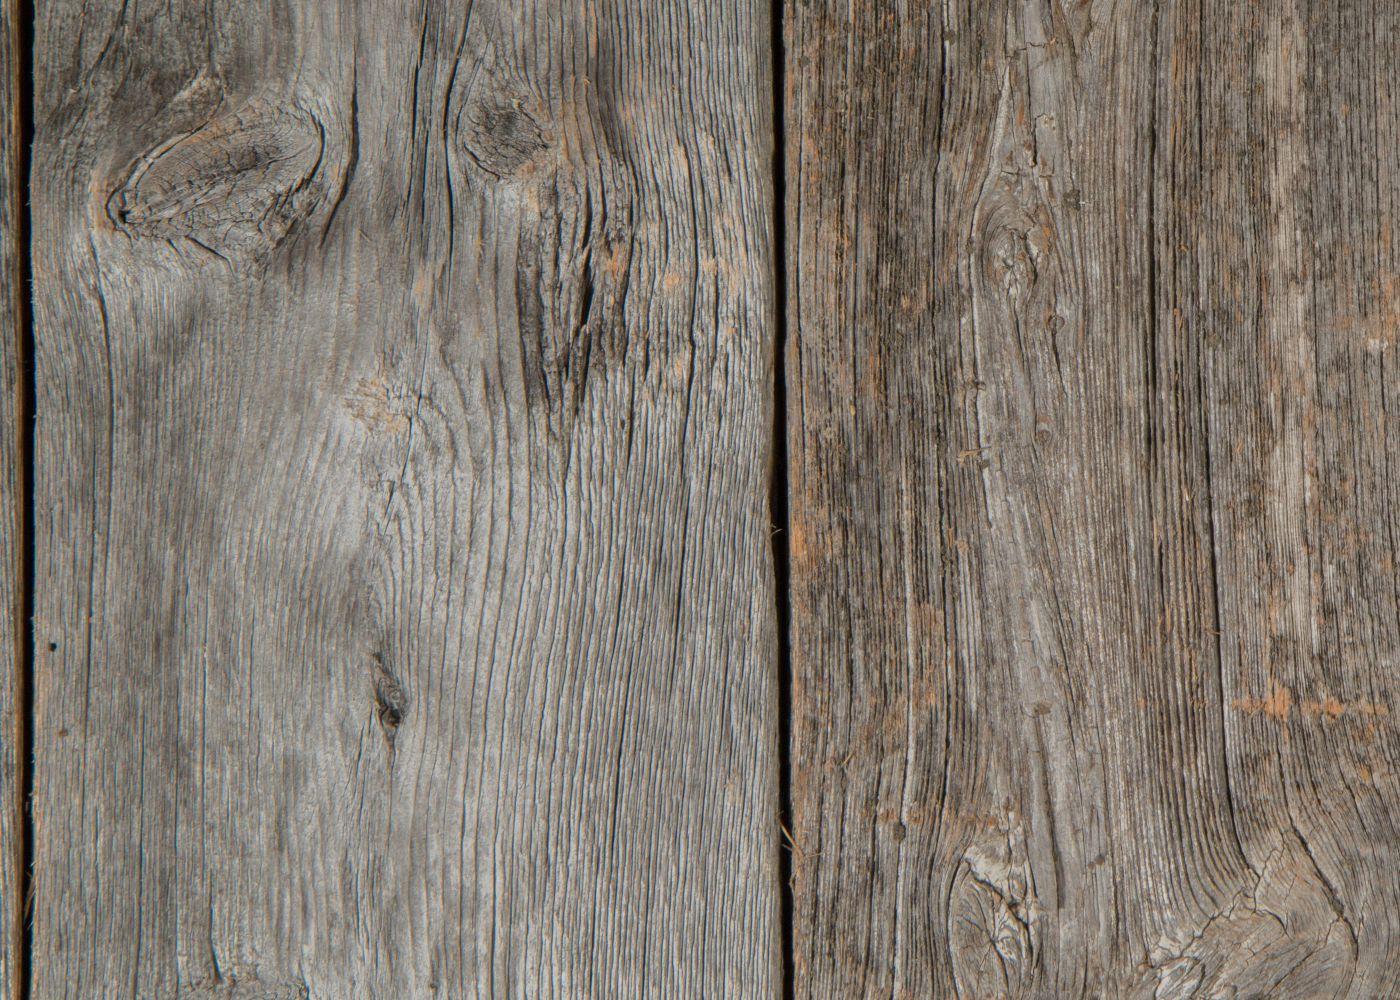 Table vieux bois | Massimo Nice